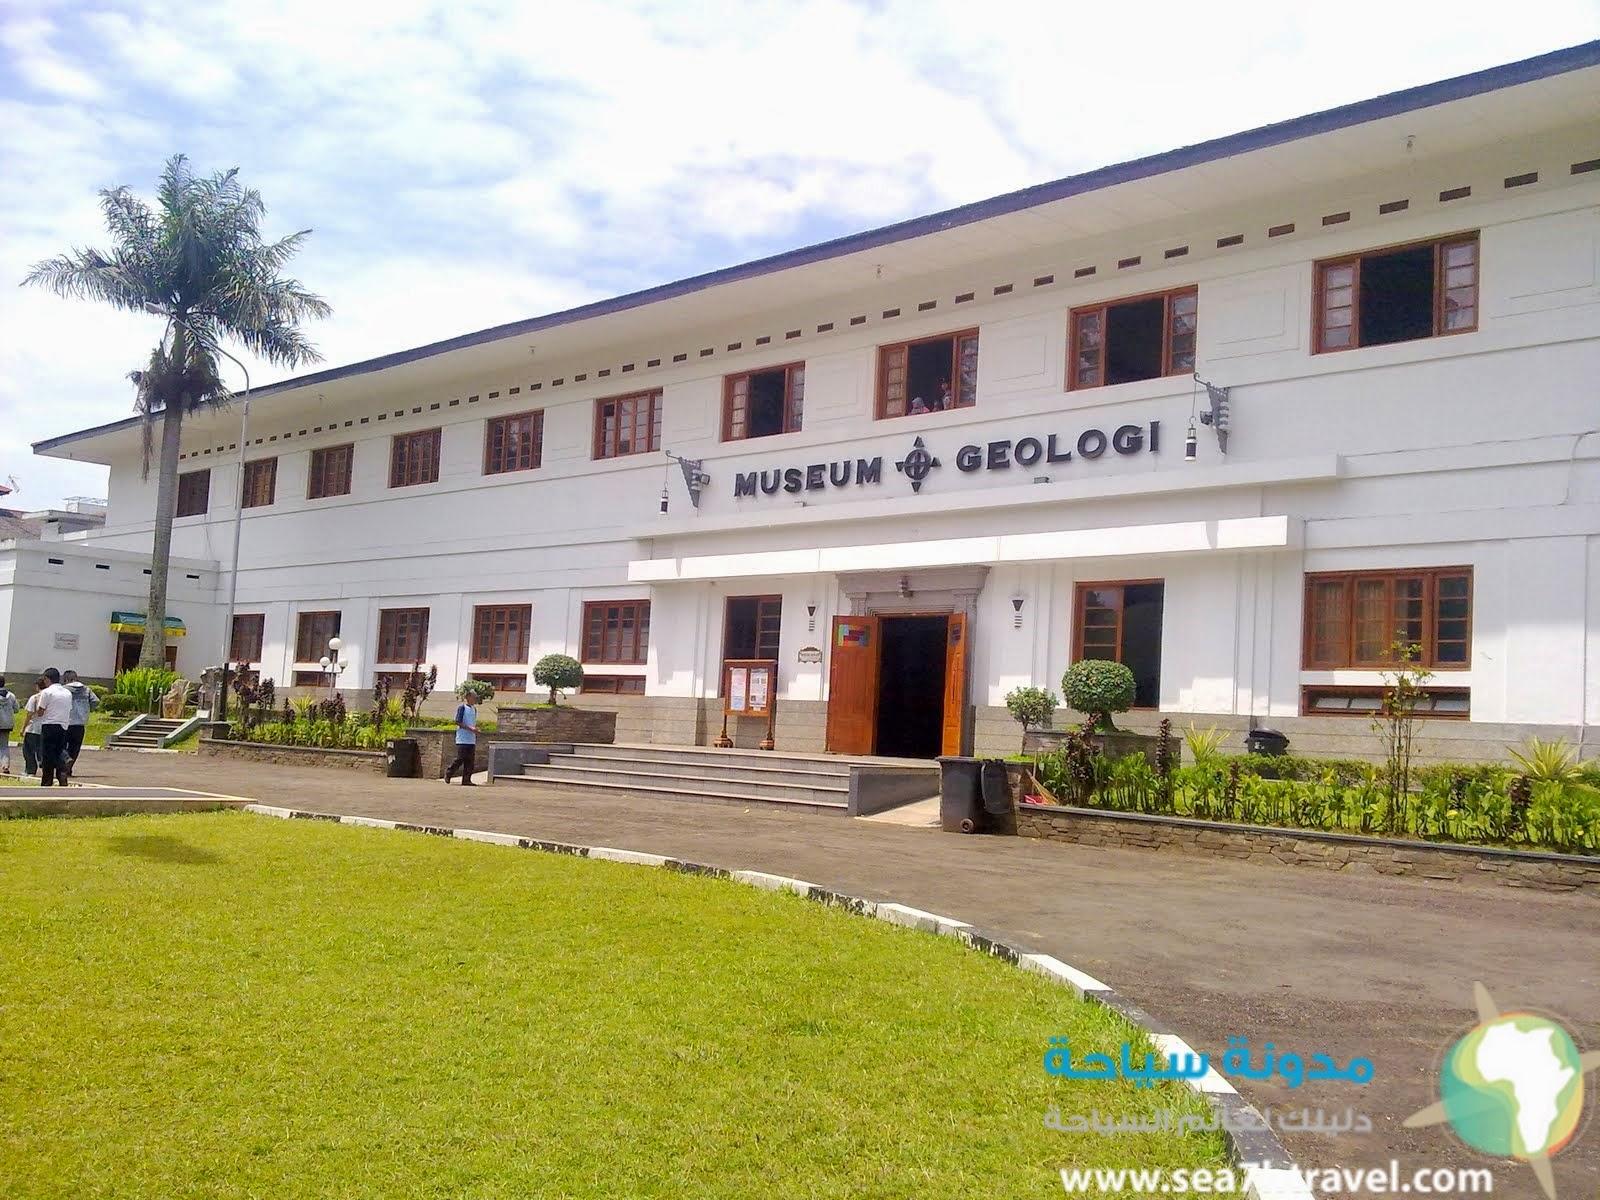 متحف الجولوجيا في باندونق